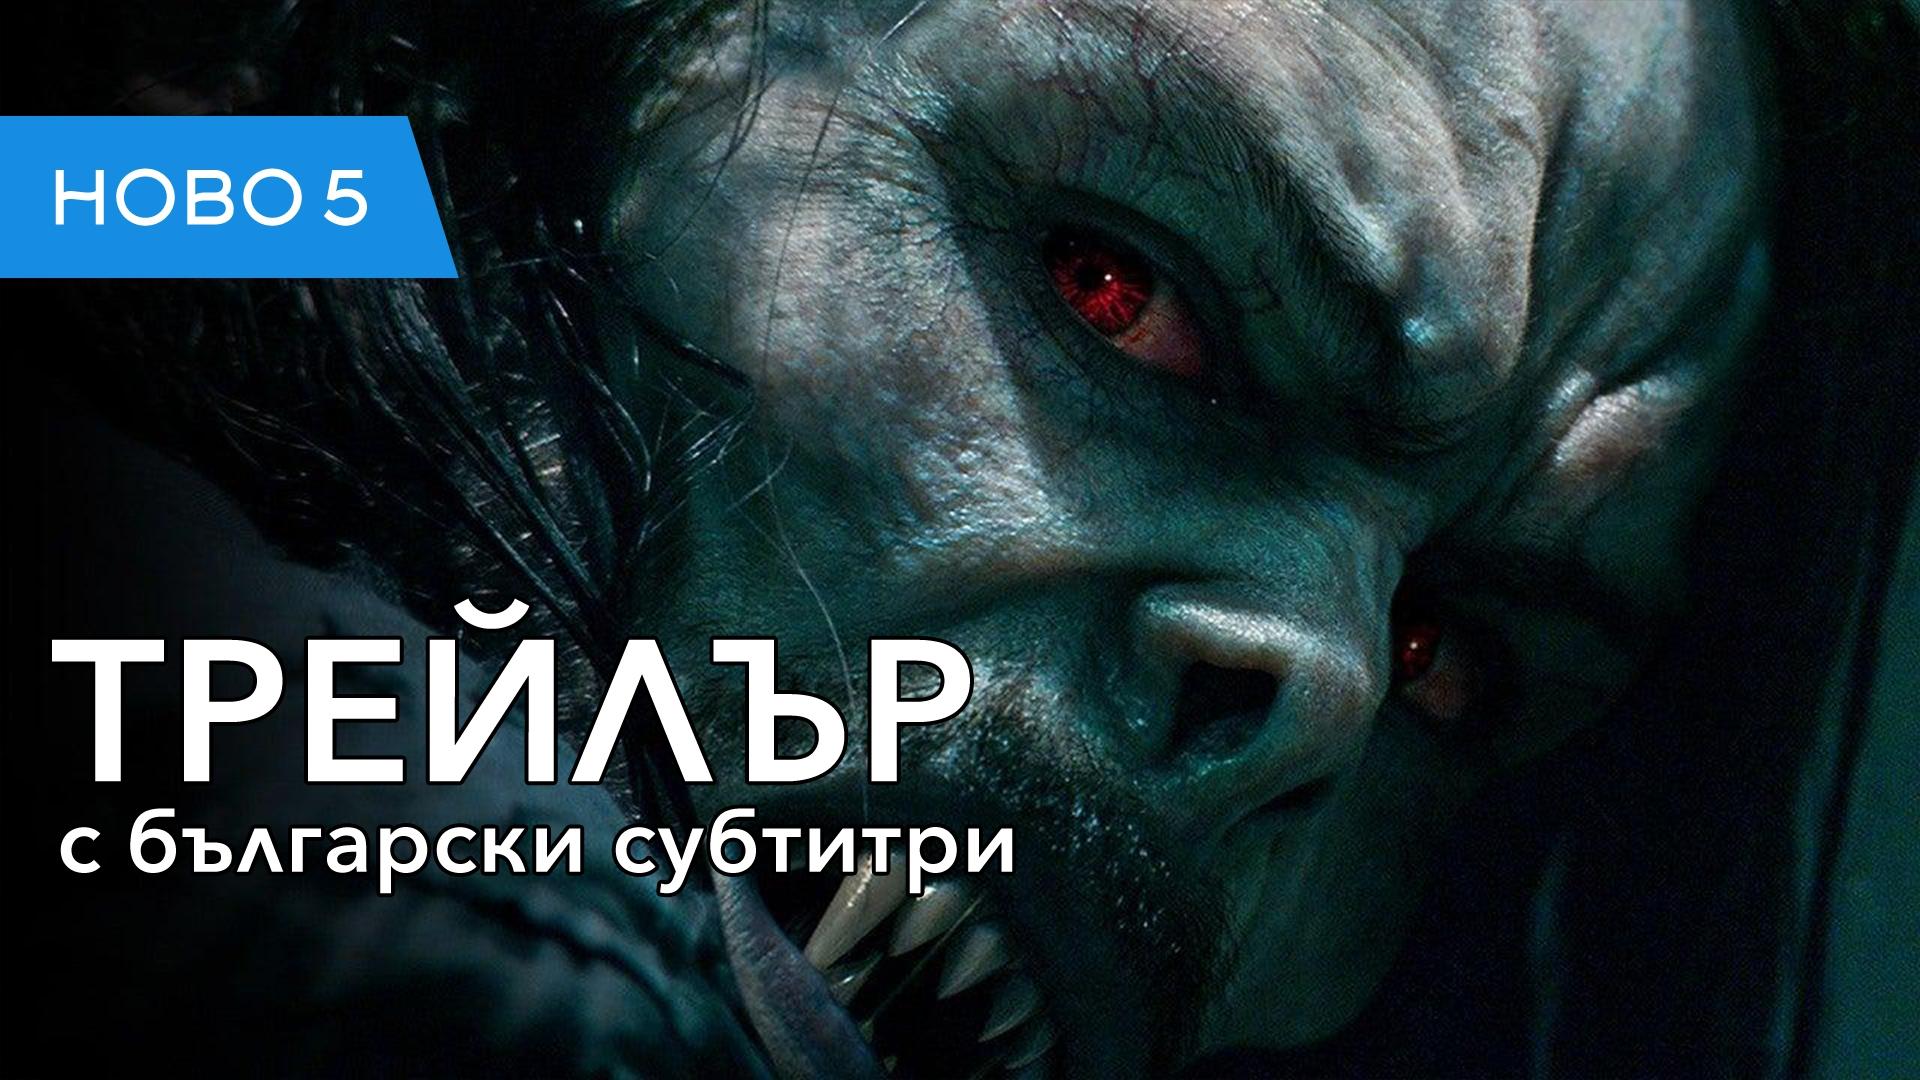 Морбиус (2020) трейлър с български субтитри